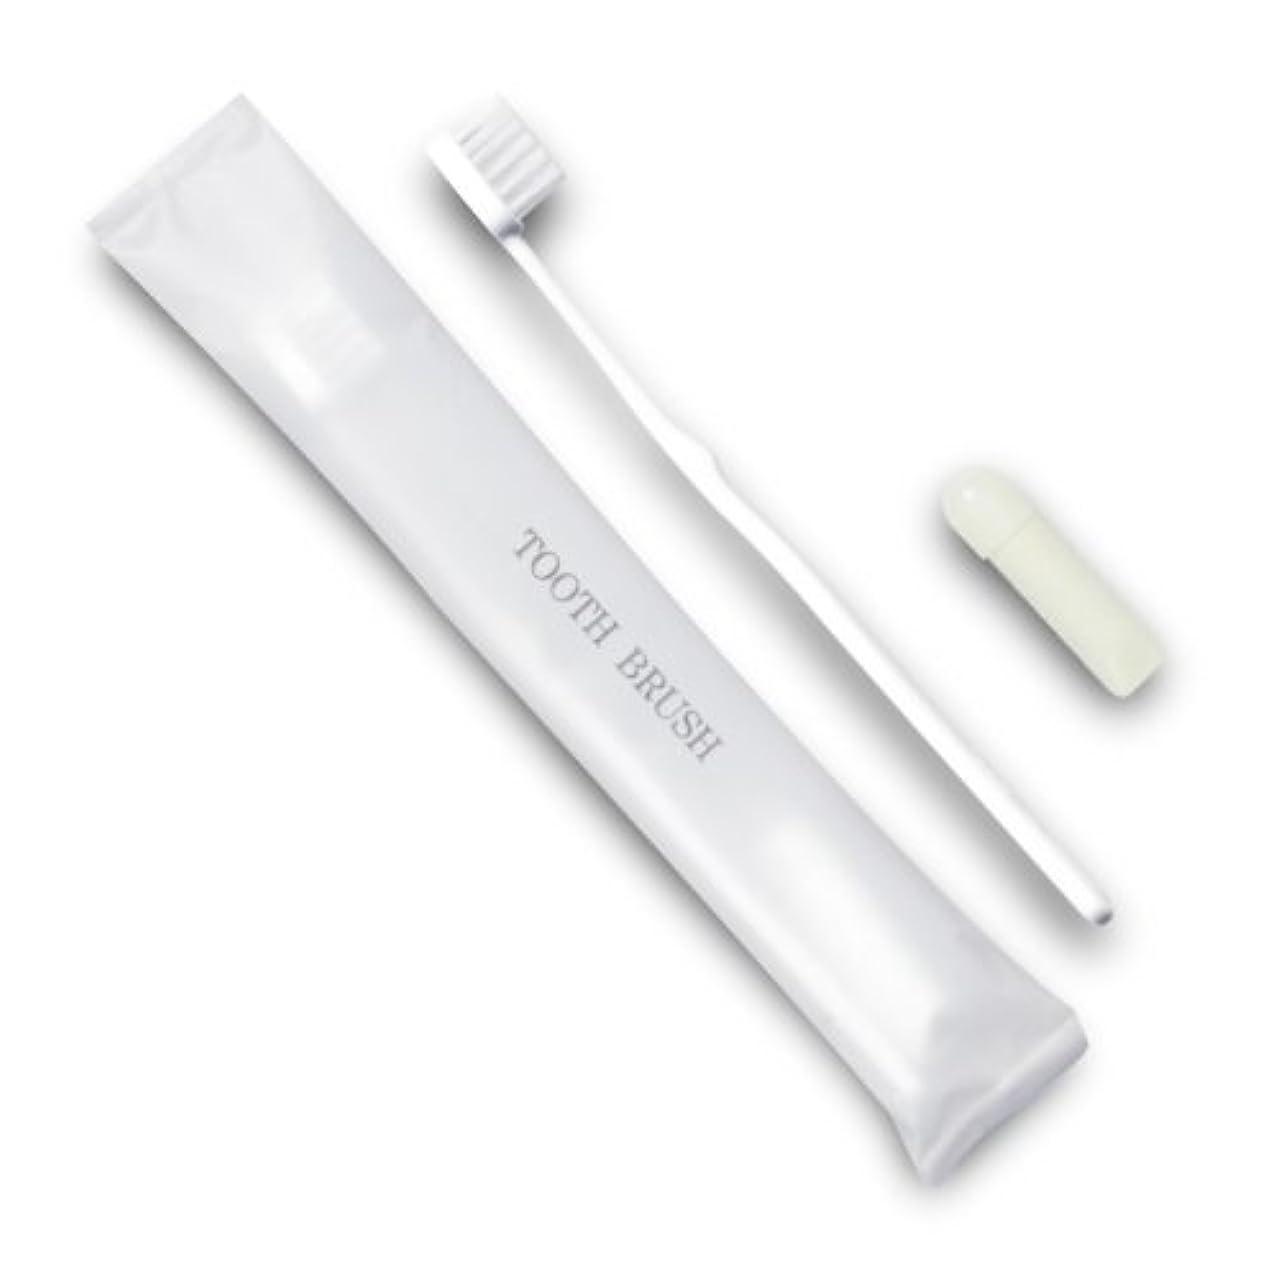 ポーン非常に怒っていますリップホテル業務用歯ブラシ21穴(白)3gチューブ マット袋FタイプDX 1400本